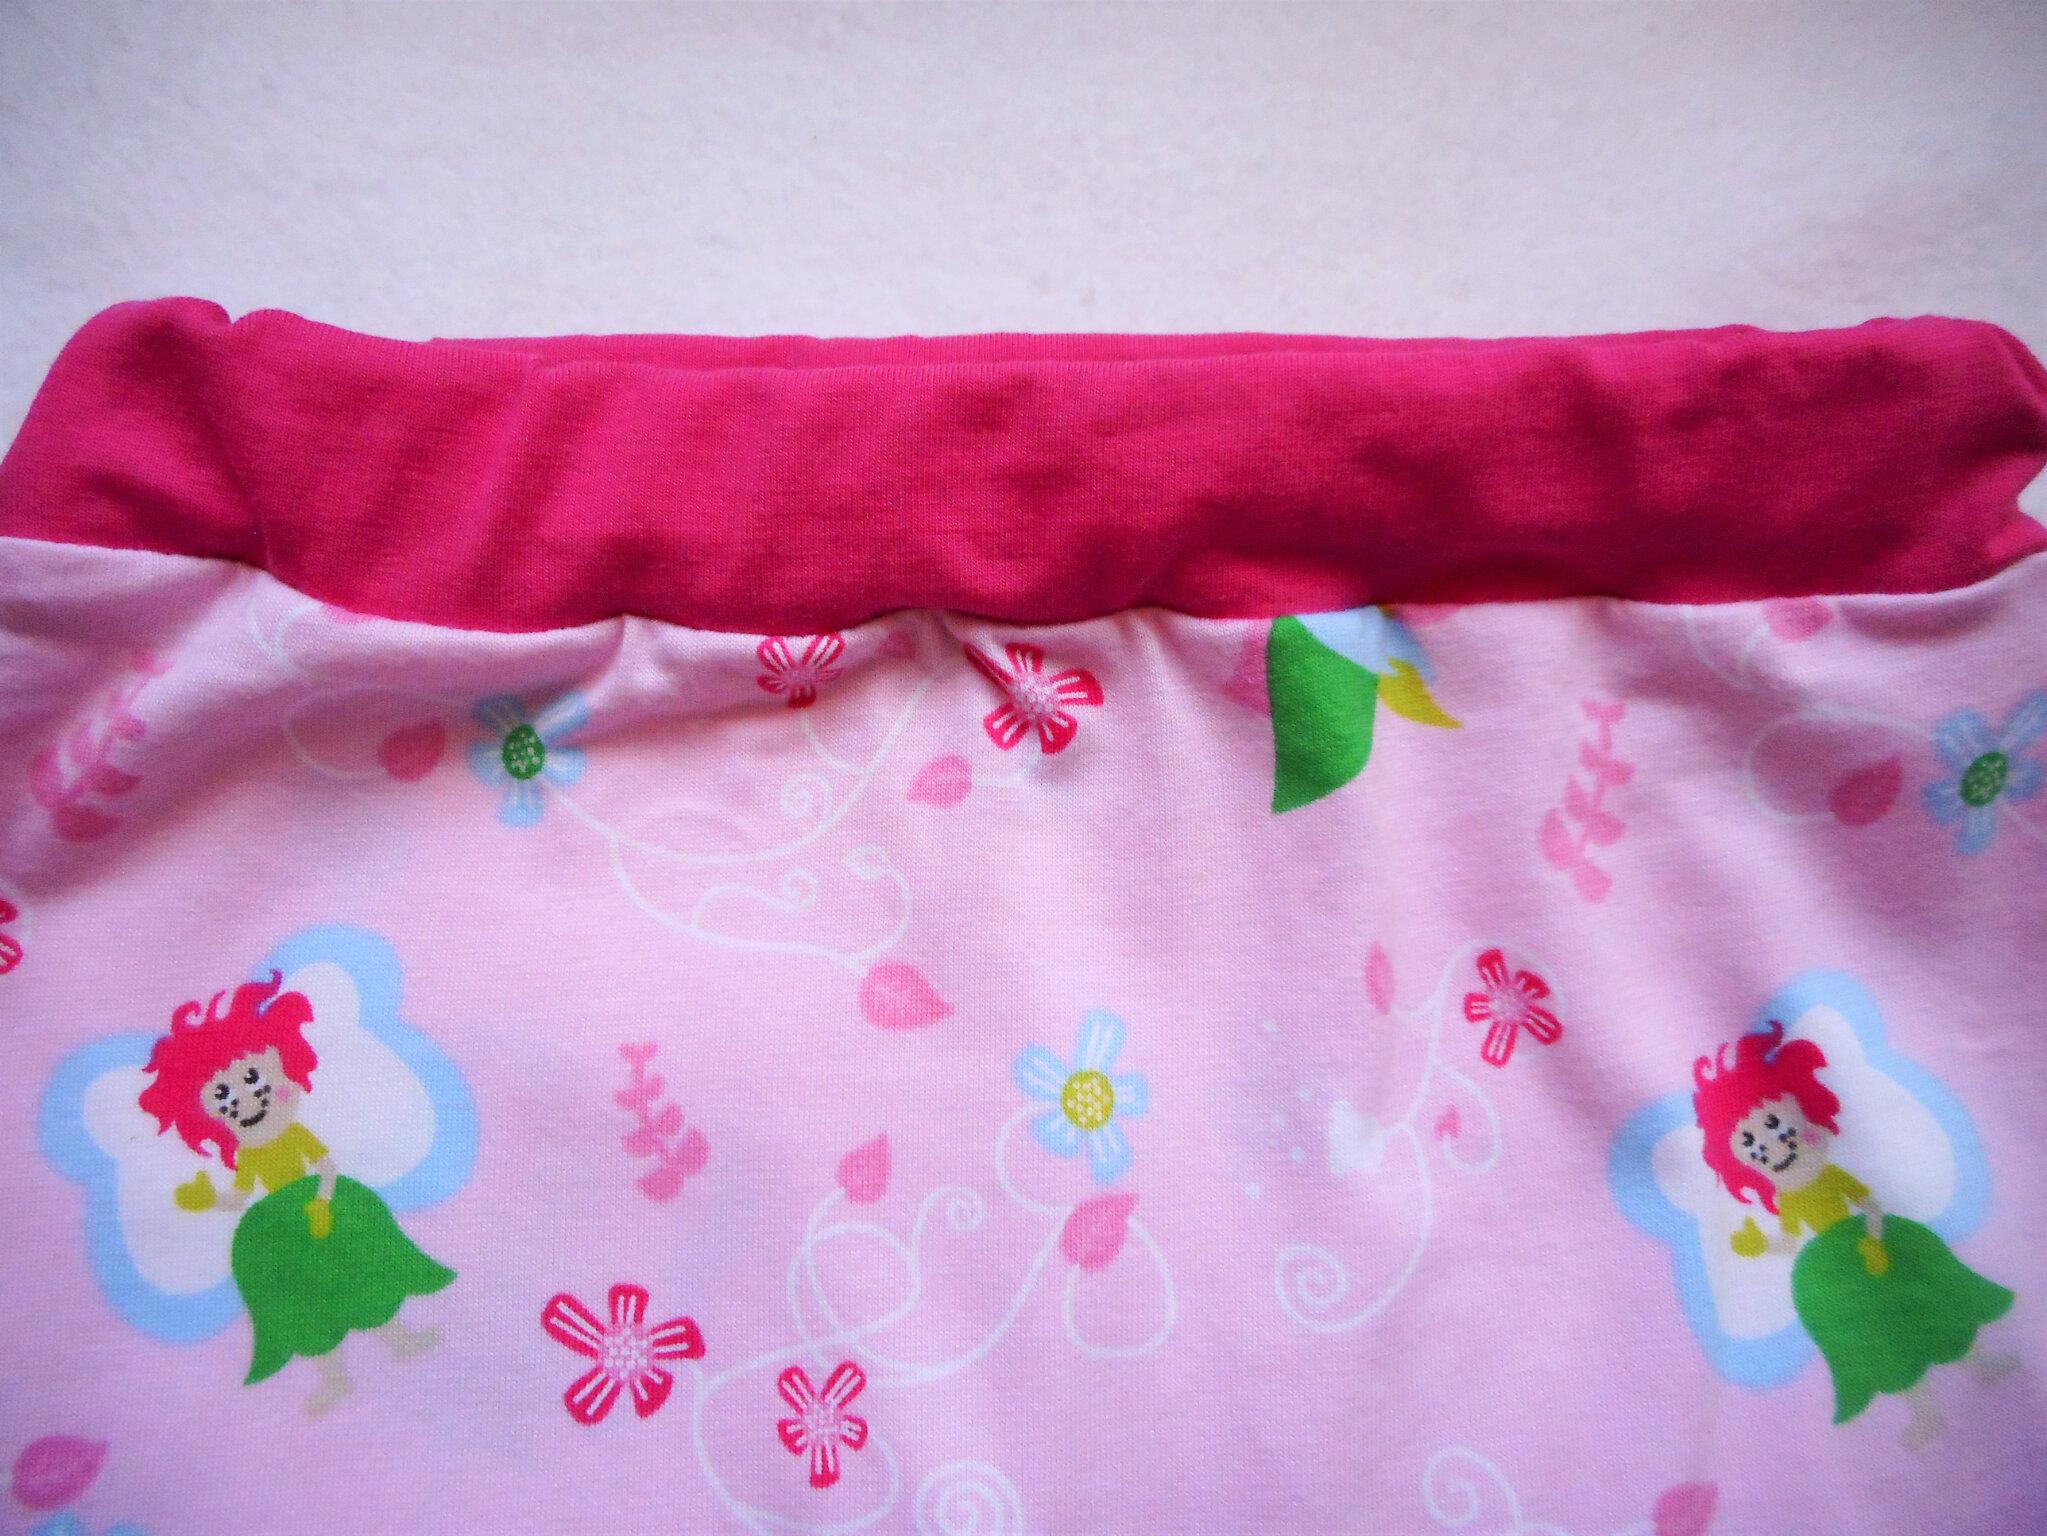 450b93b49f2c6 Pantalon Sarouel Bébé 12 mois Coton Biologique